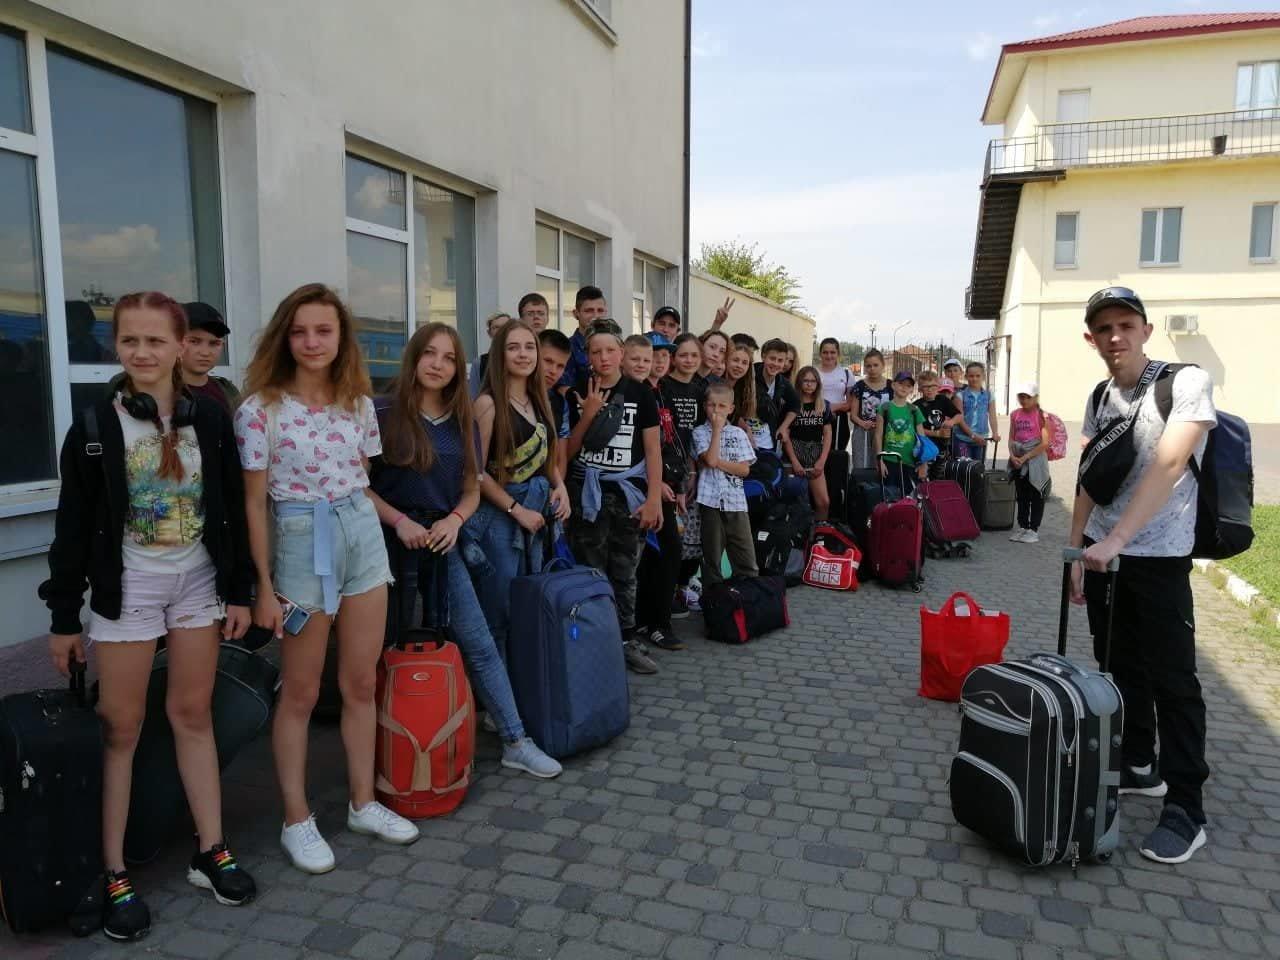 Діти учасників АТО з Білої Церкви поїхали на відпочинок до Лазурного, фото-1